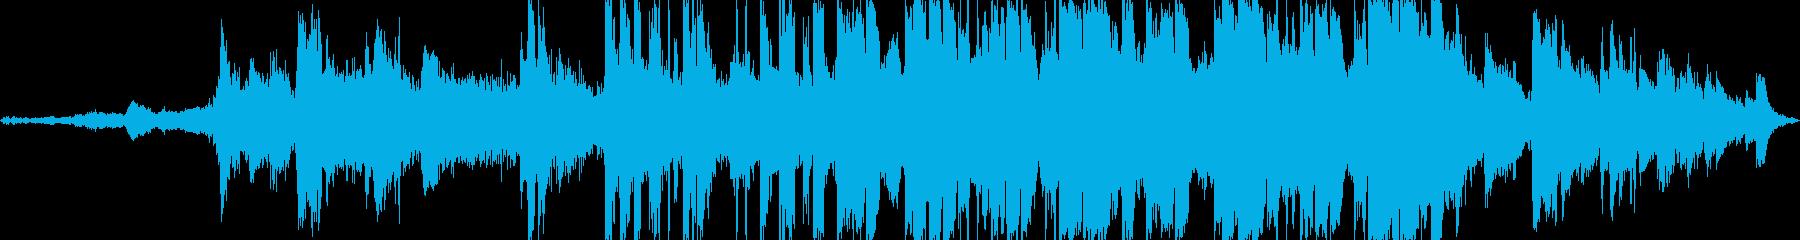 深海に漂うようなピアノの旋律とシンセの再生済みの波形